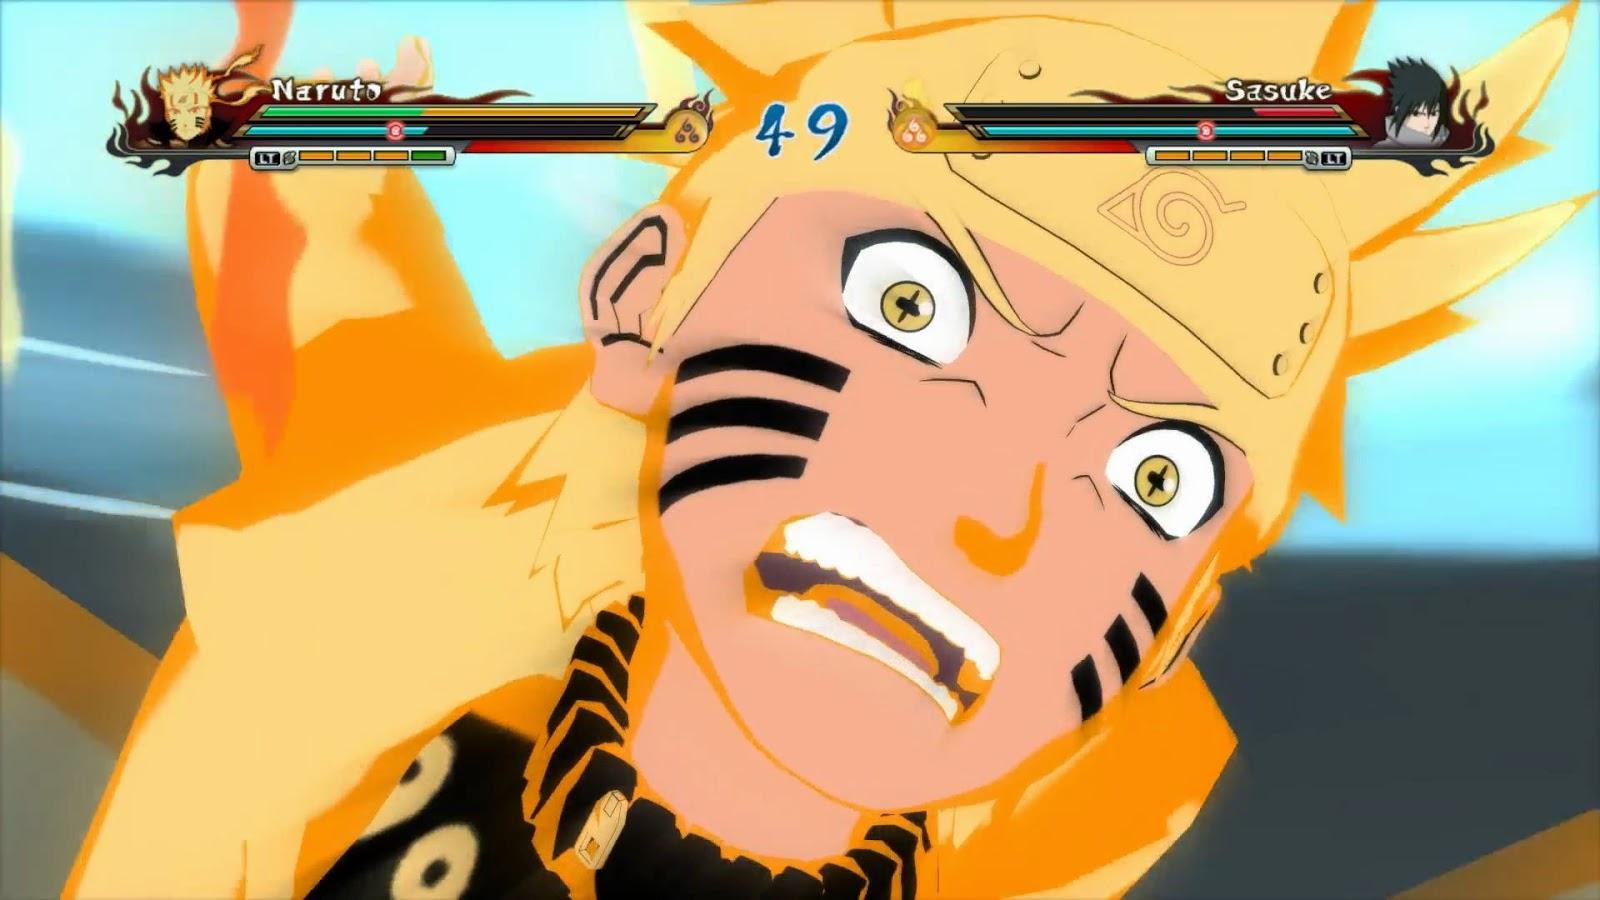 Naruto Revolution Naruto Ashura Path v3 + Sasuke Rinnegan ...